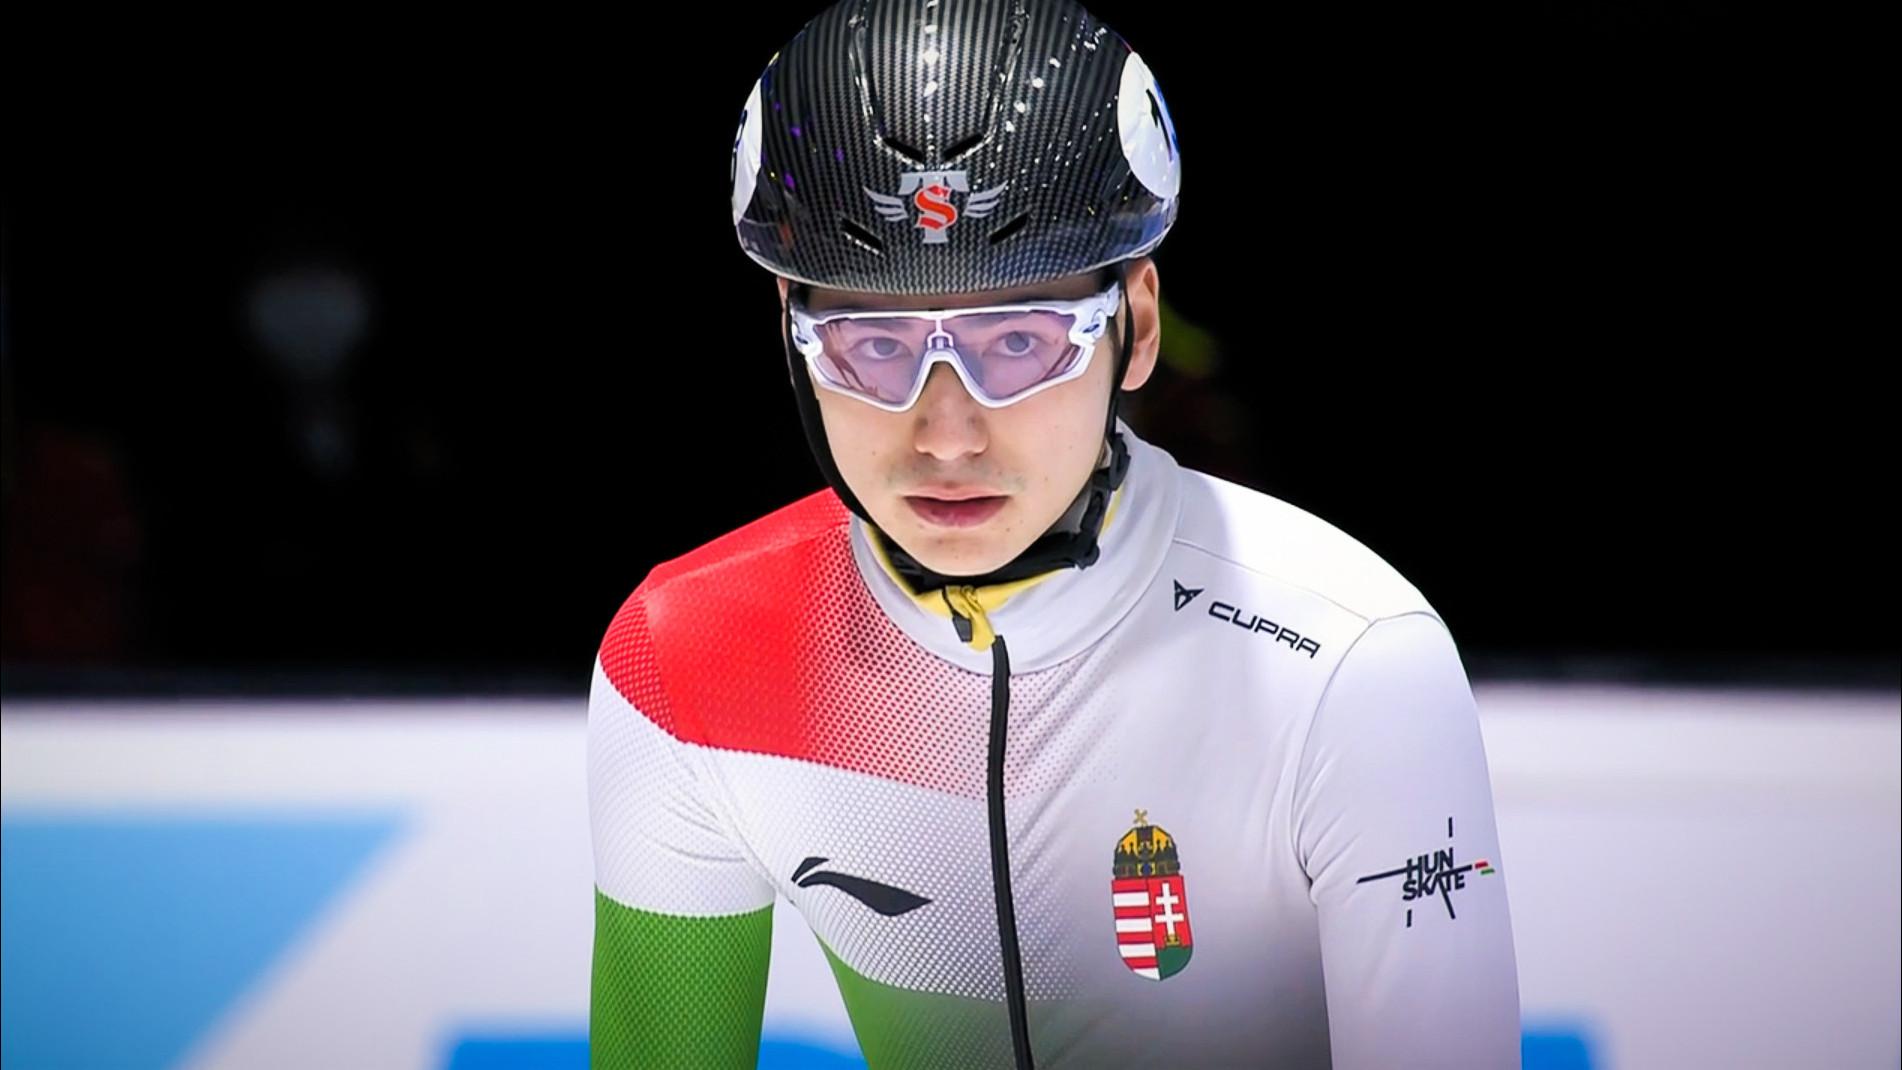 Liu Shaoang összetett világbajnok!